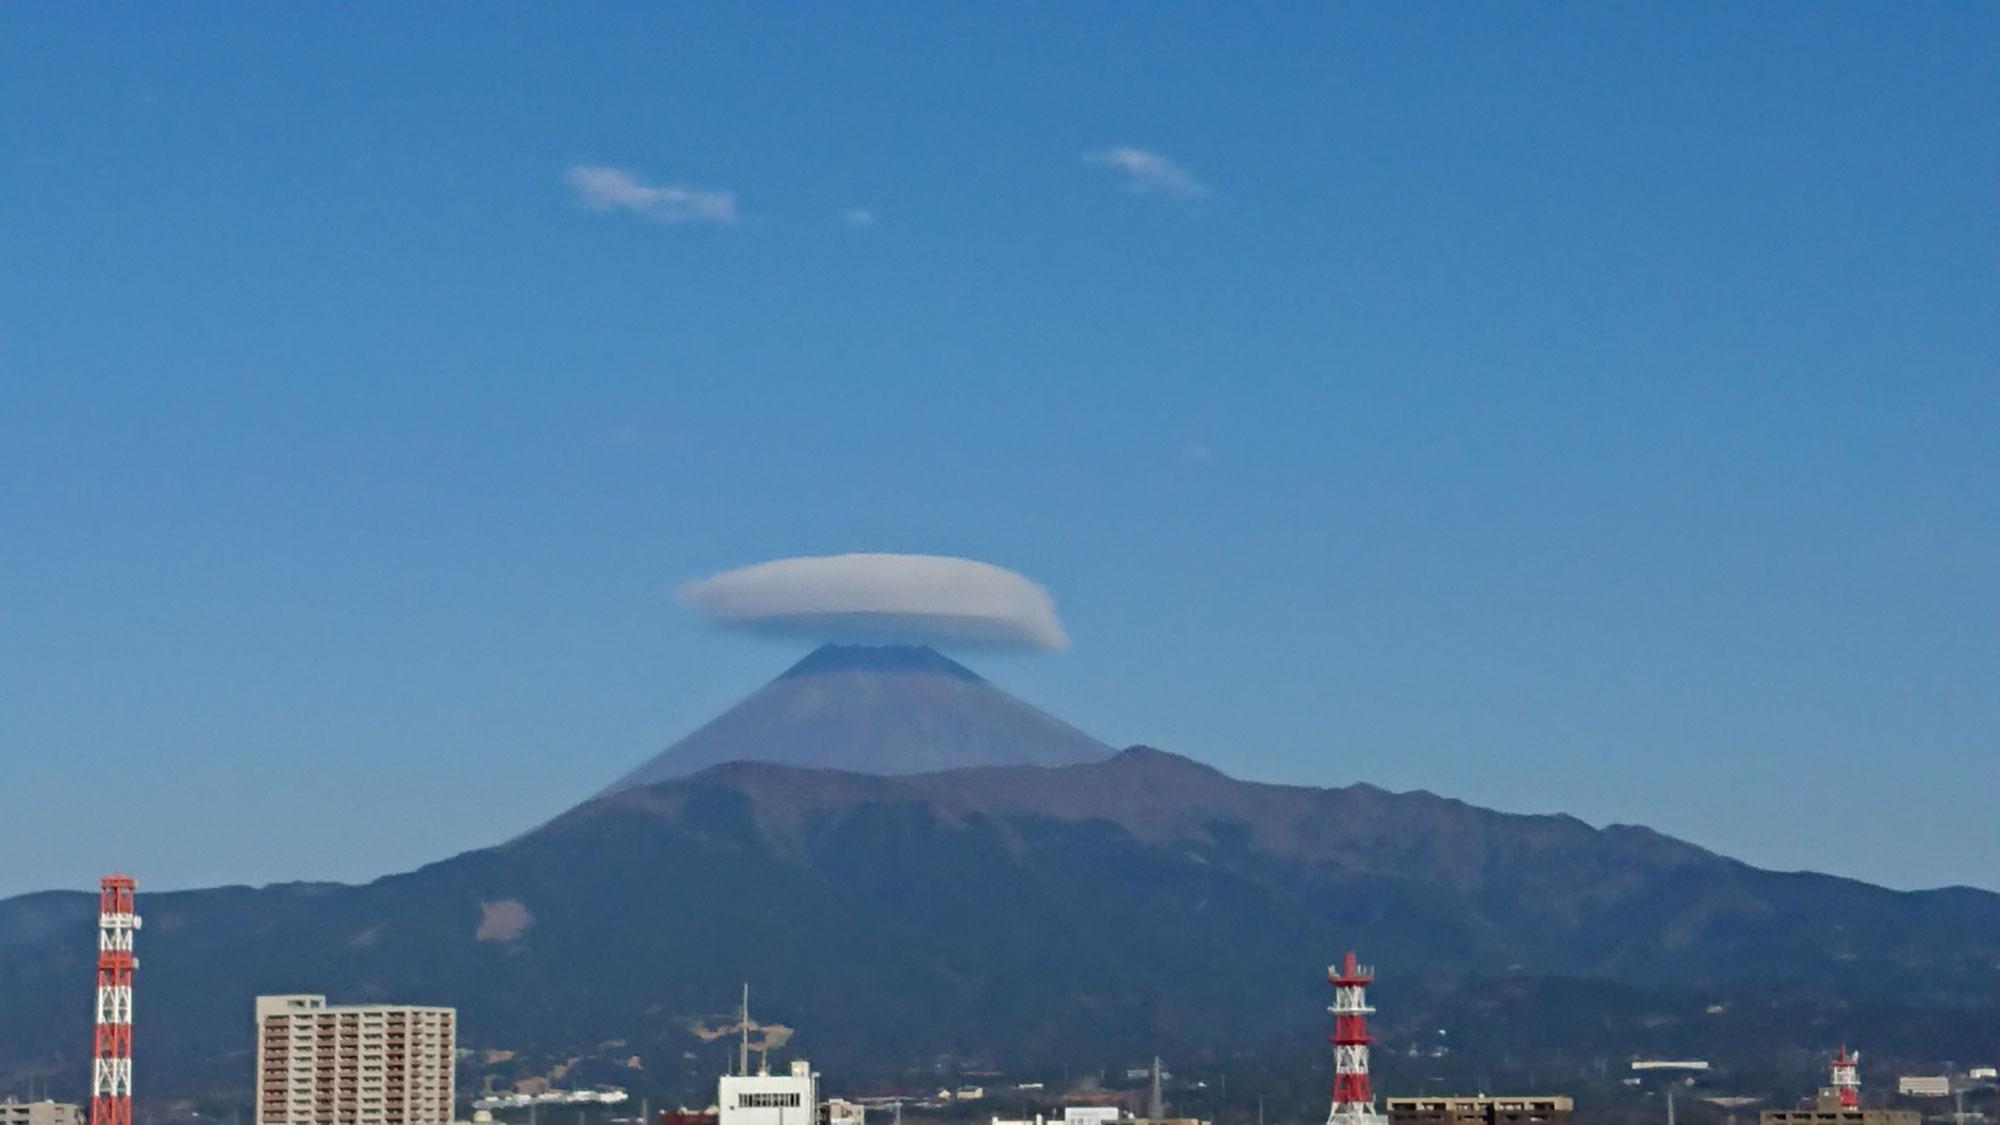 【沼津整体】みふじ 本日の富士山